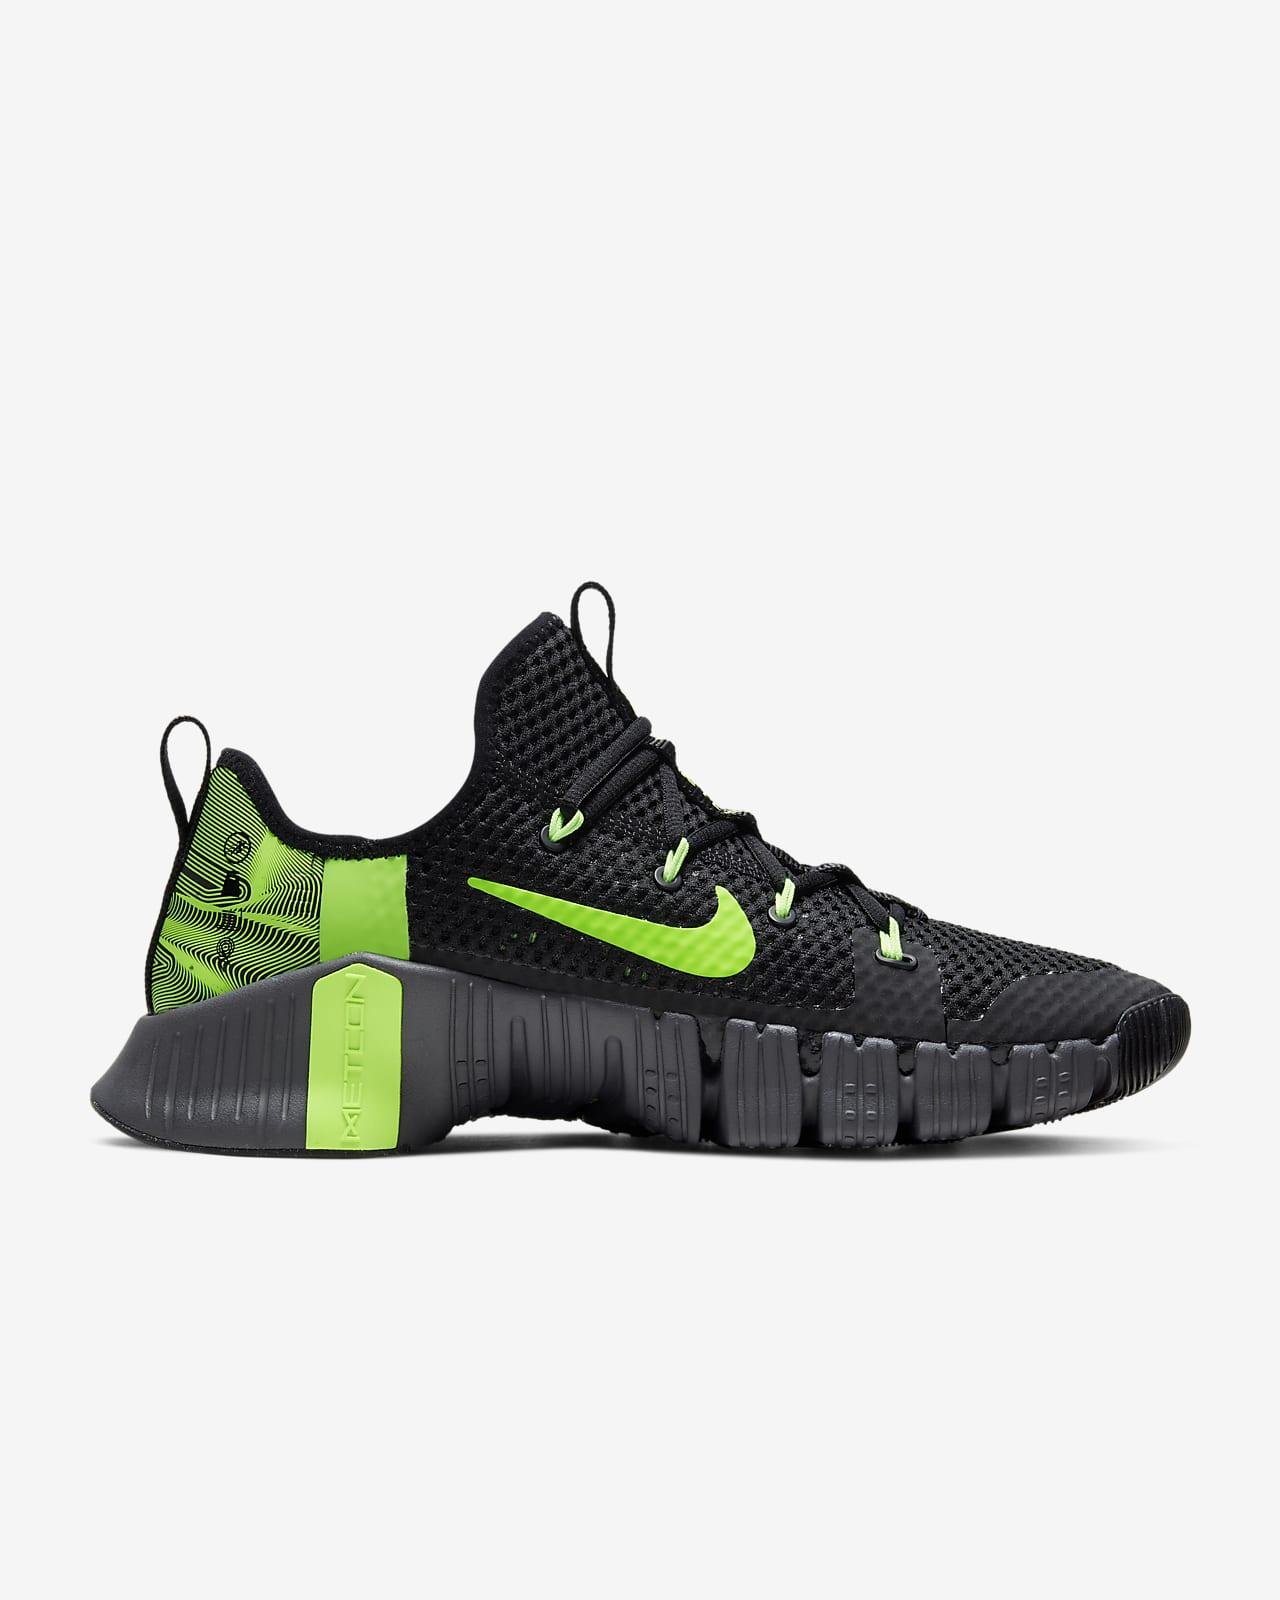 Calzado de entrenamiento para hombre Nike Free Metcon 3 RW